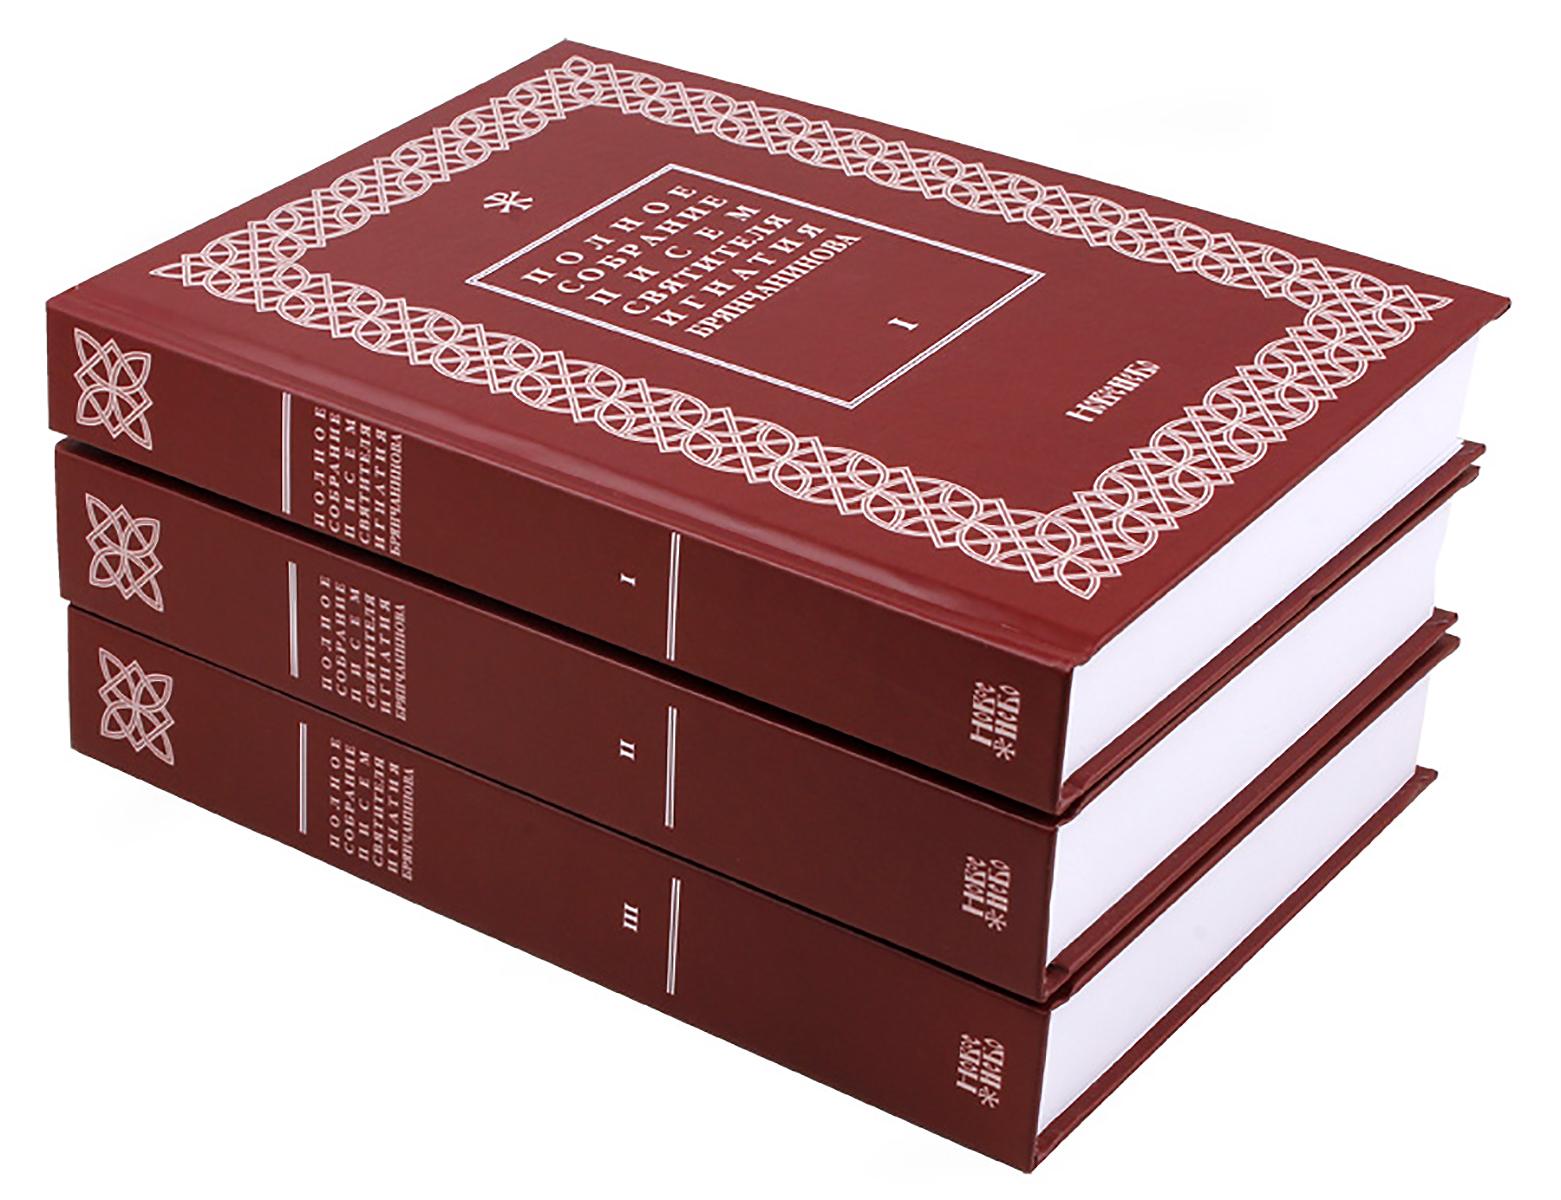 Полное собрание писем святителя Игнатия Брянчанинова (комплект из 3 книг)